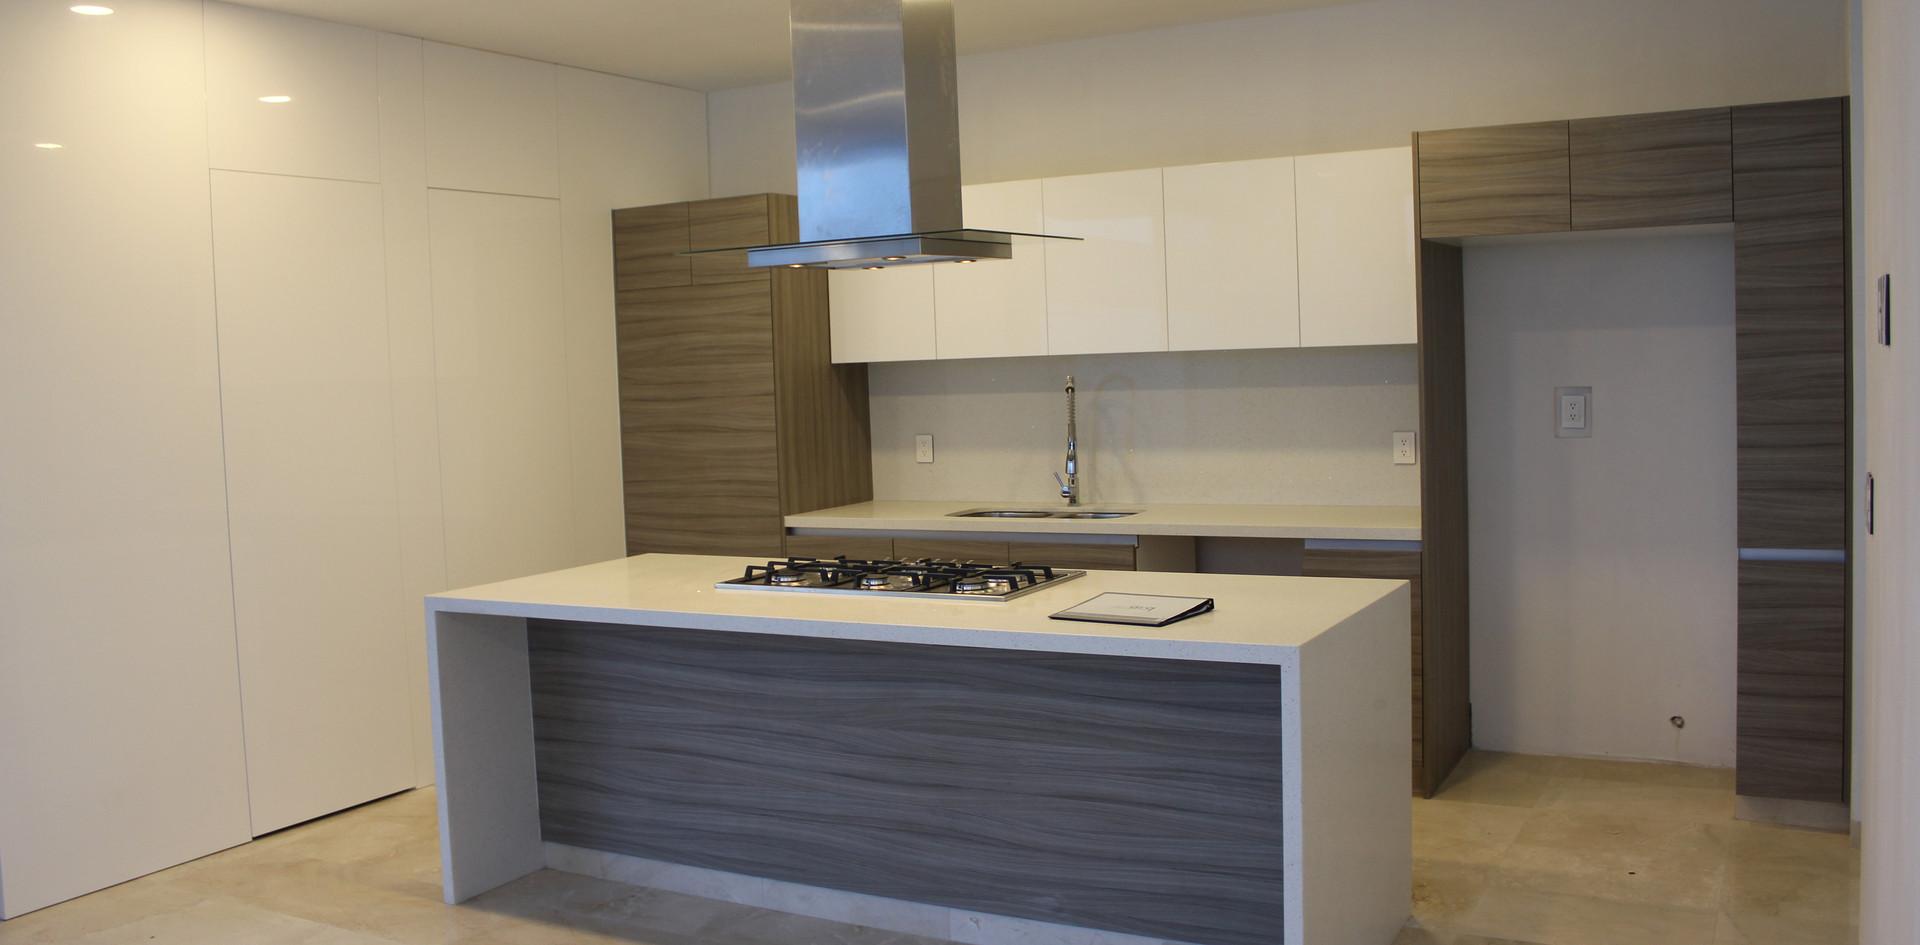 Cocina con muro lateral de madera y accesos